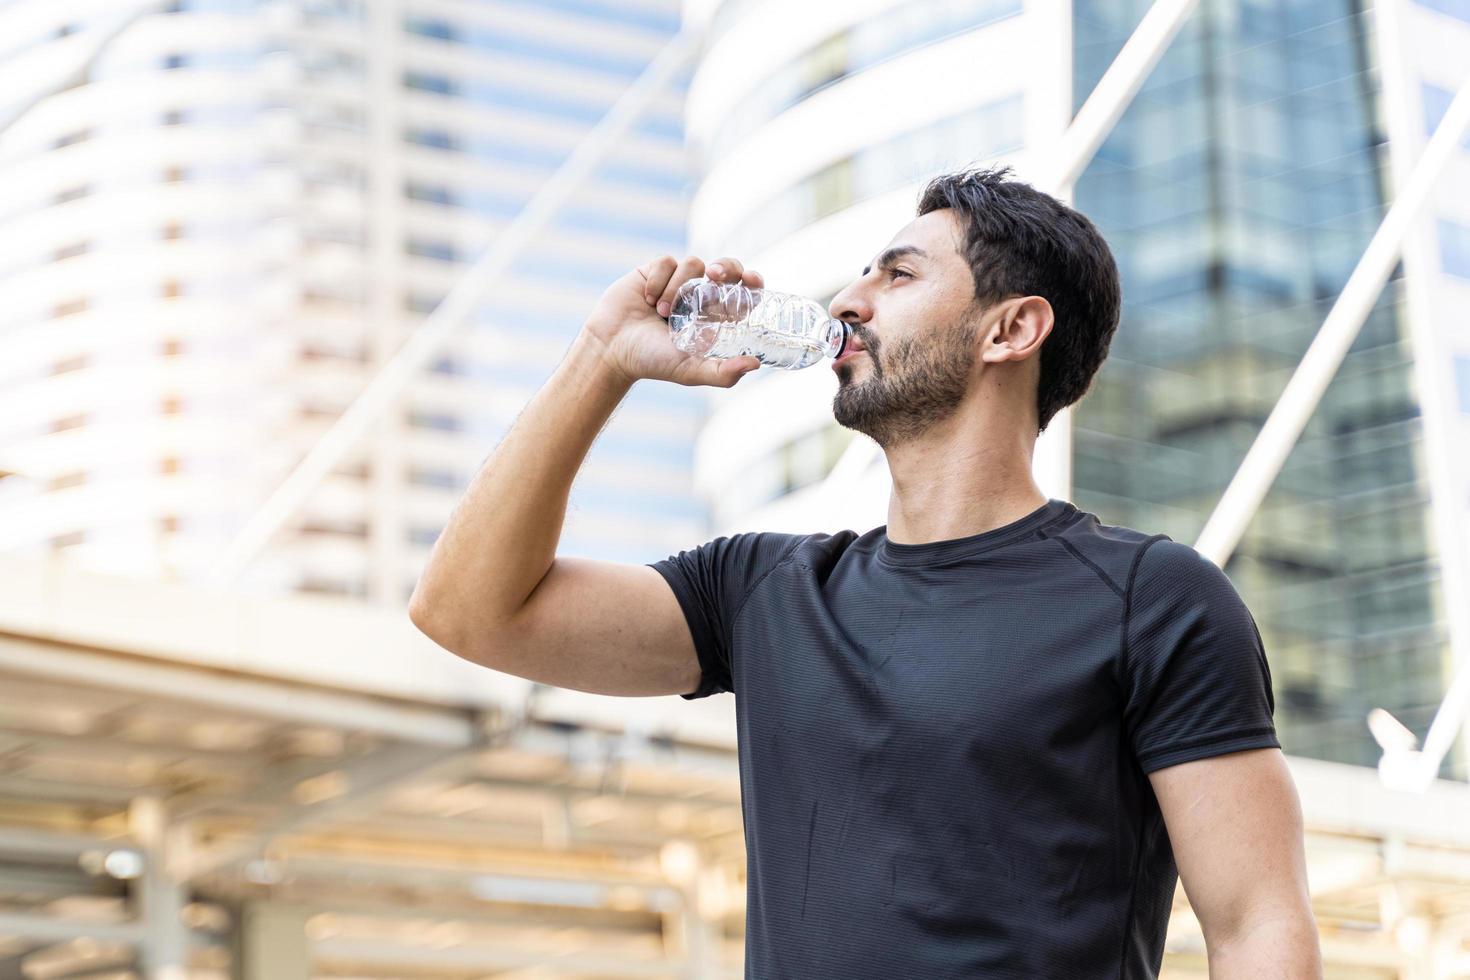 Mann trinkt Wasser in Flaschen foto